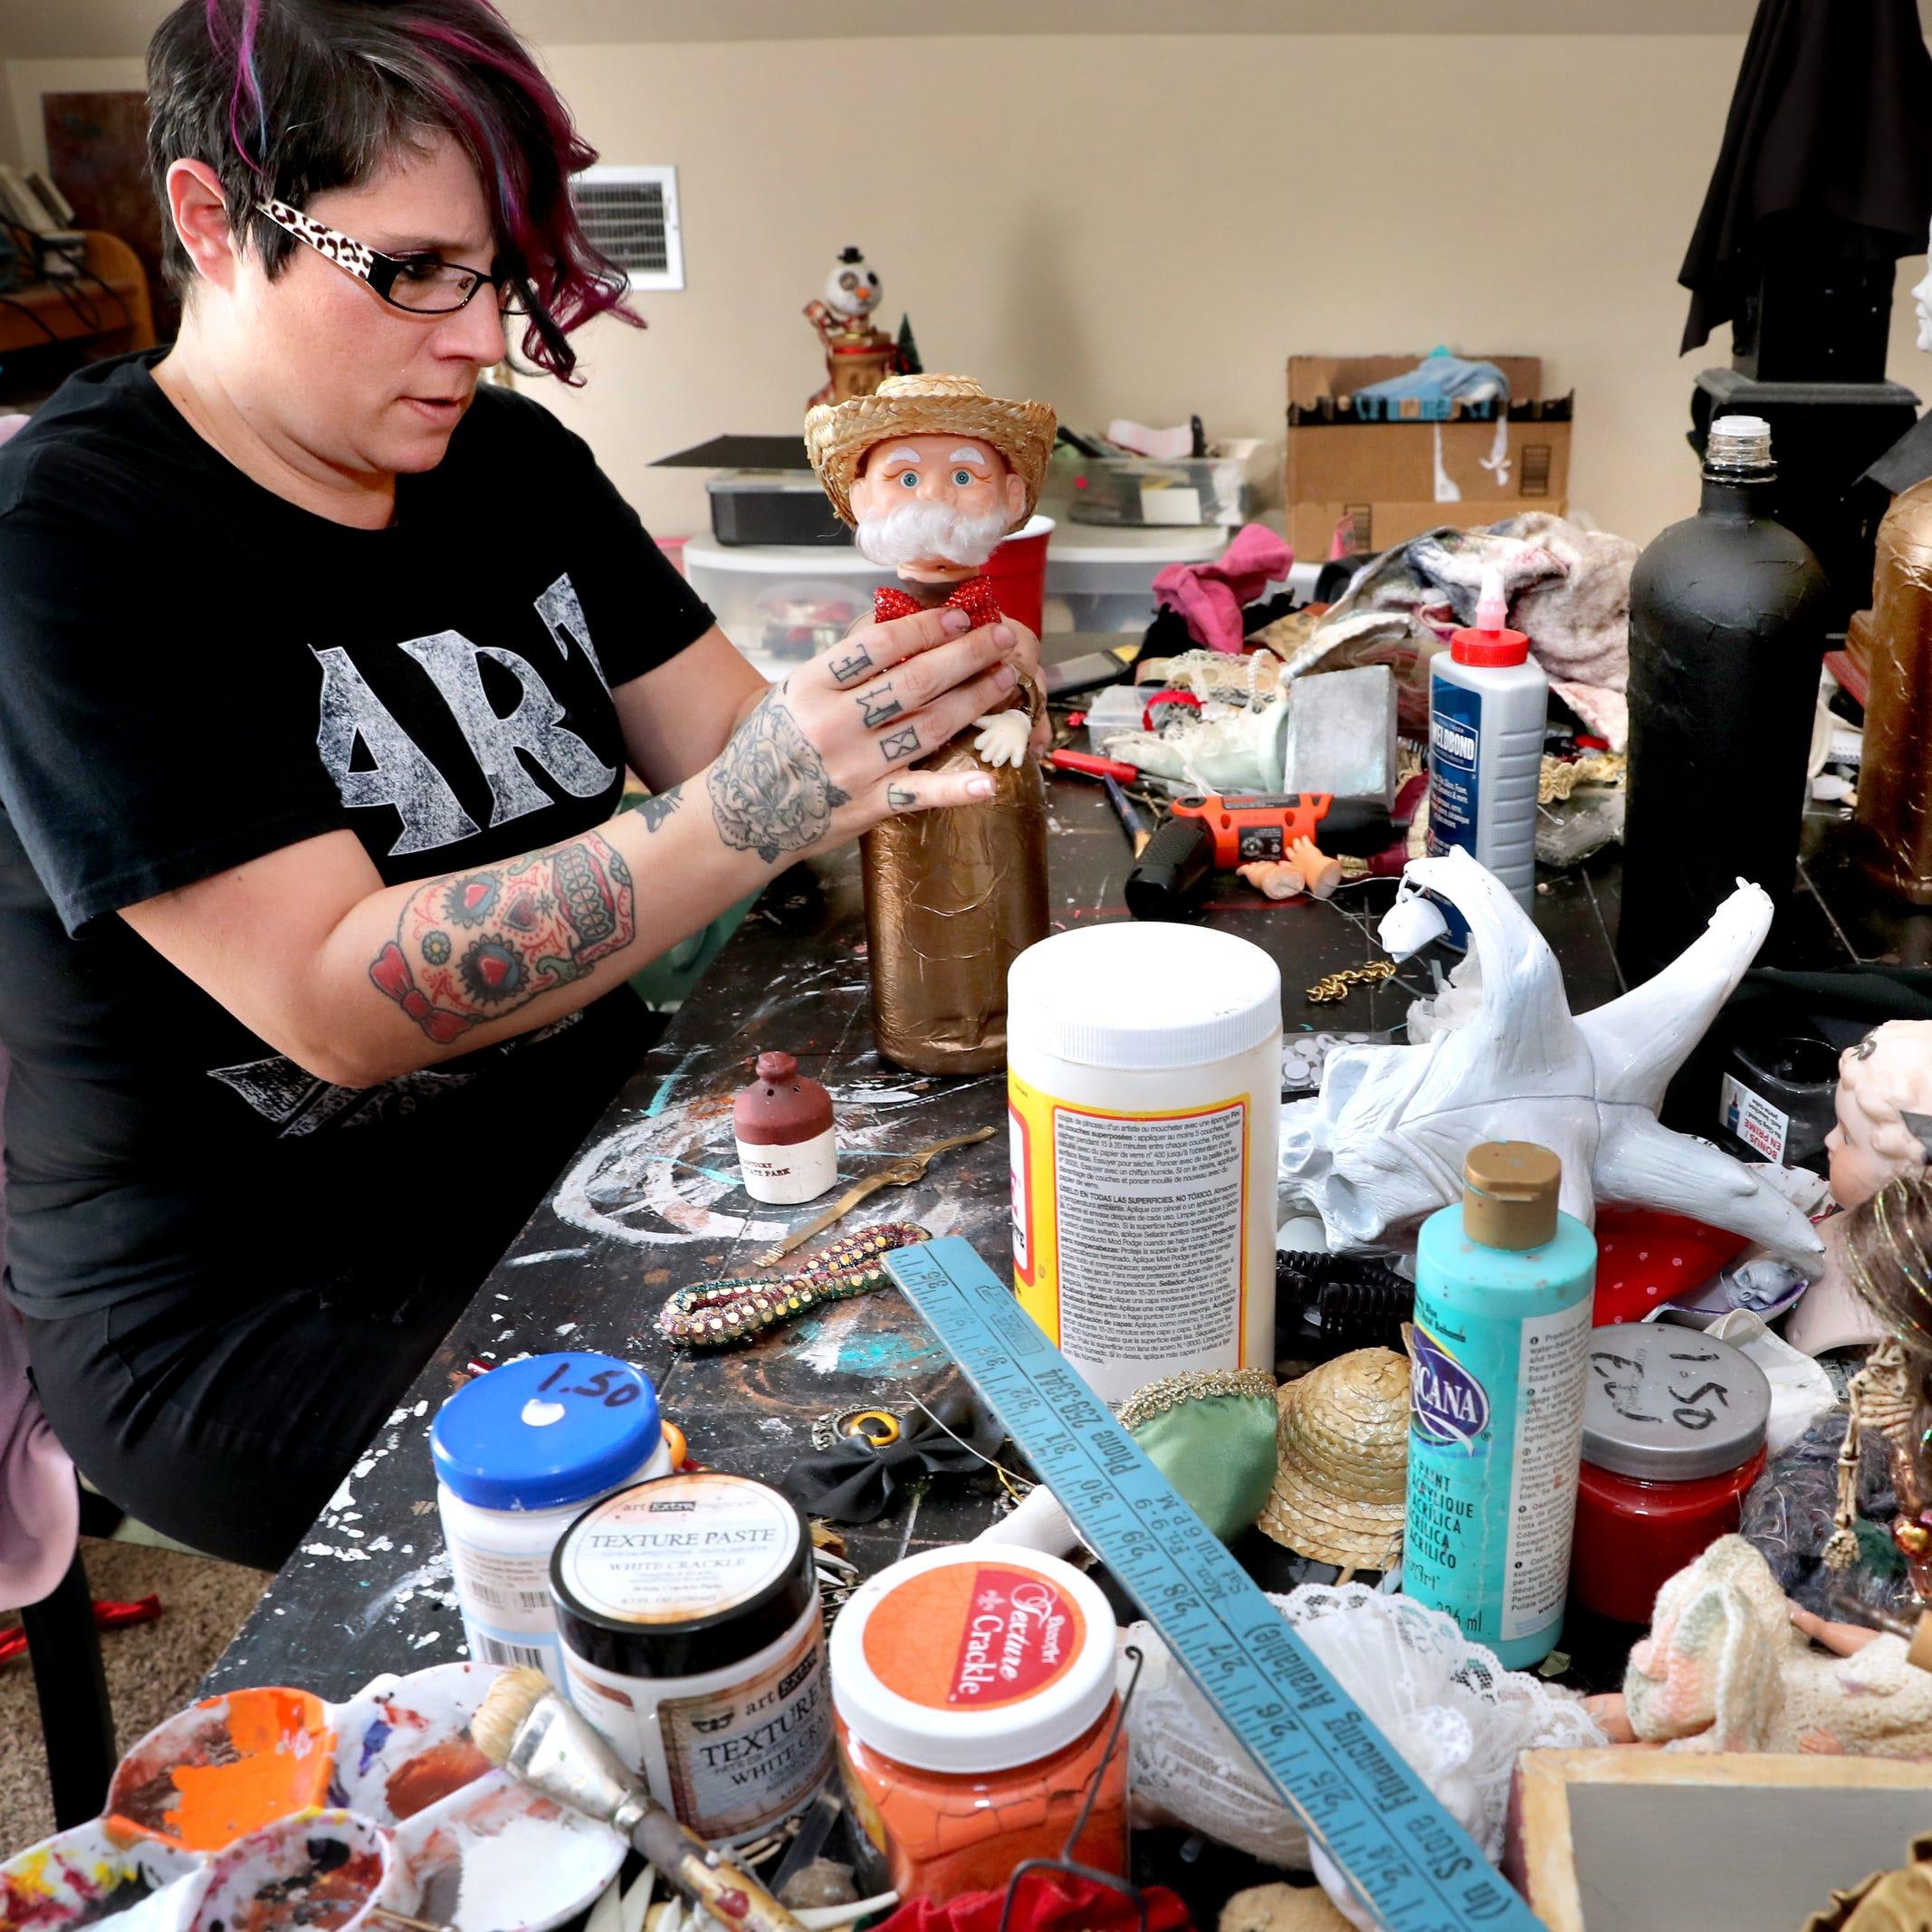 Murfreesboro artist transforms trash into macabre art